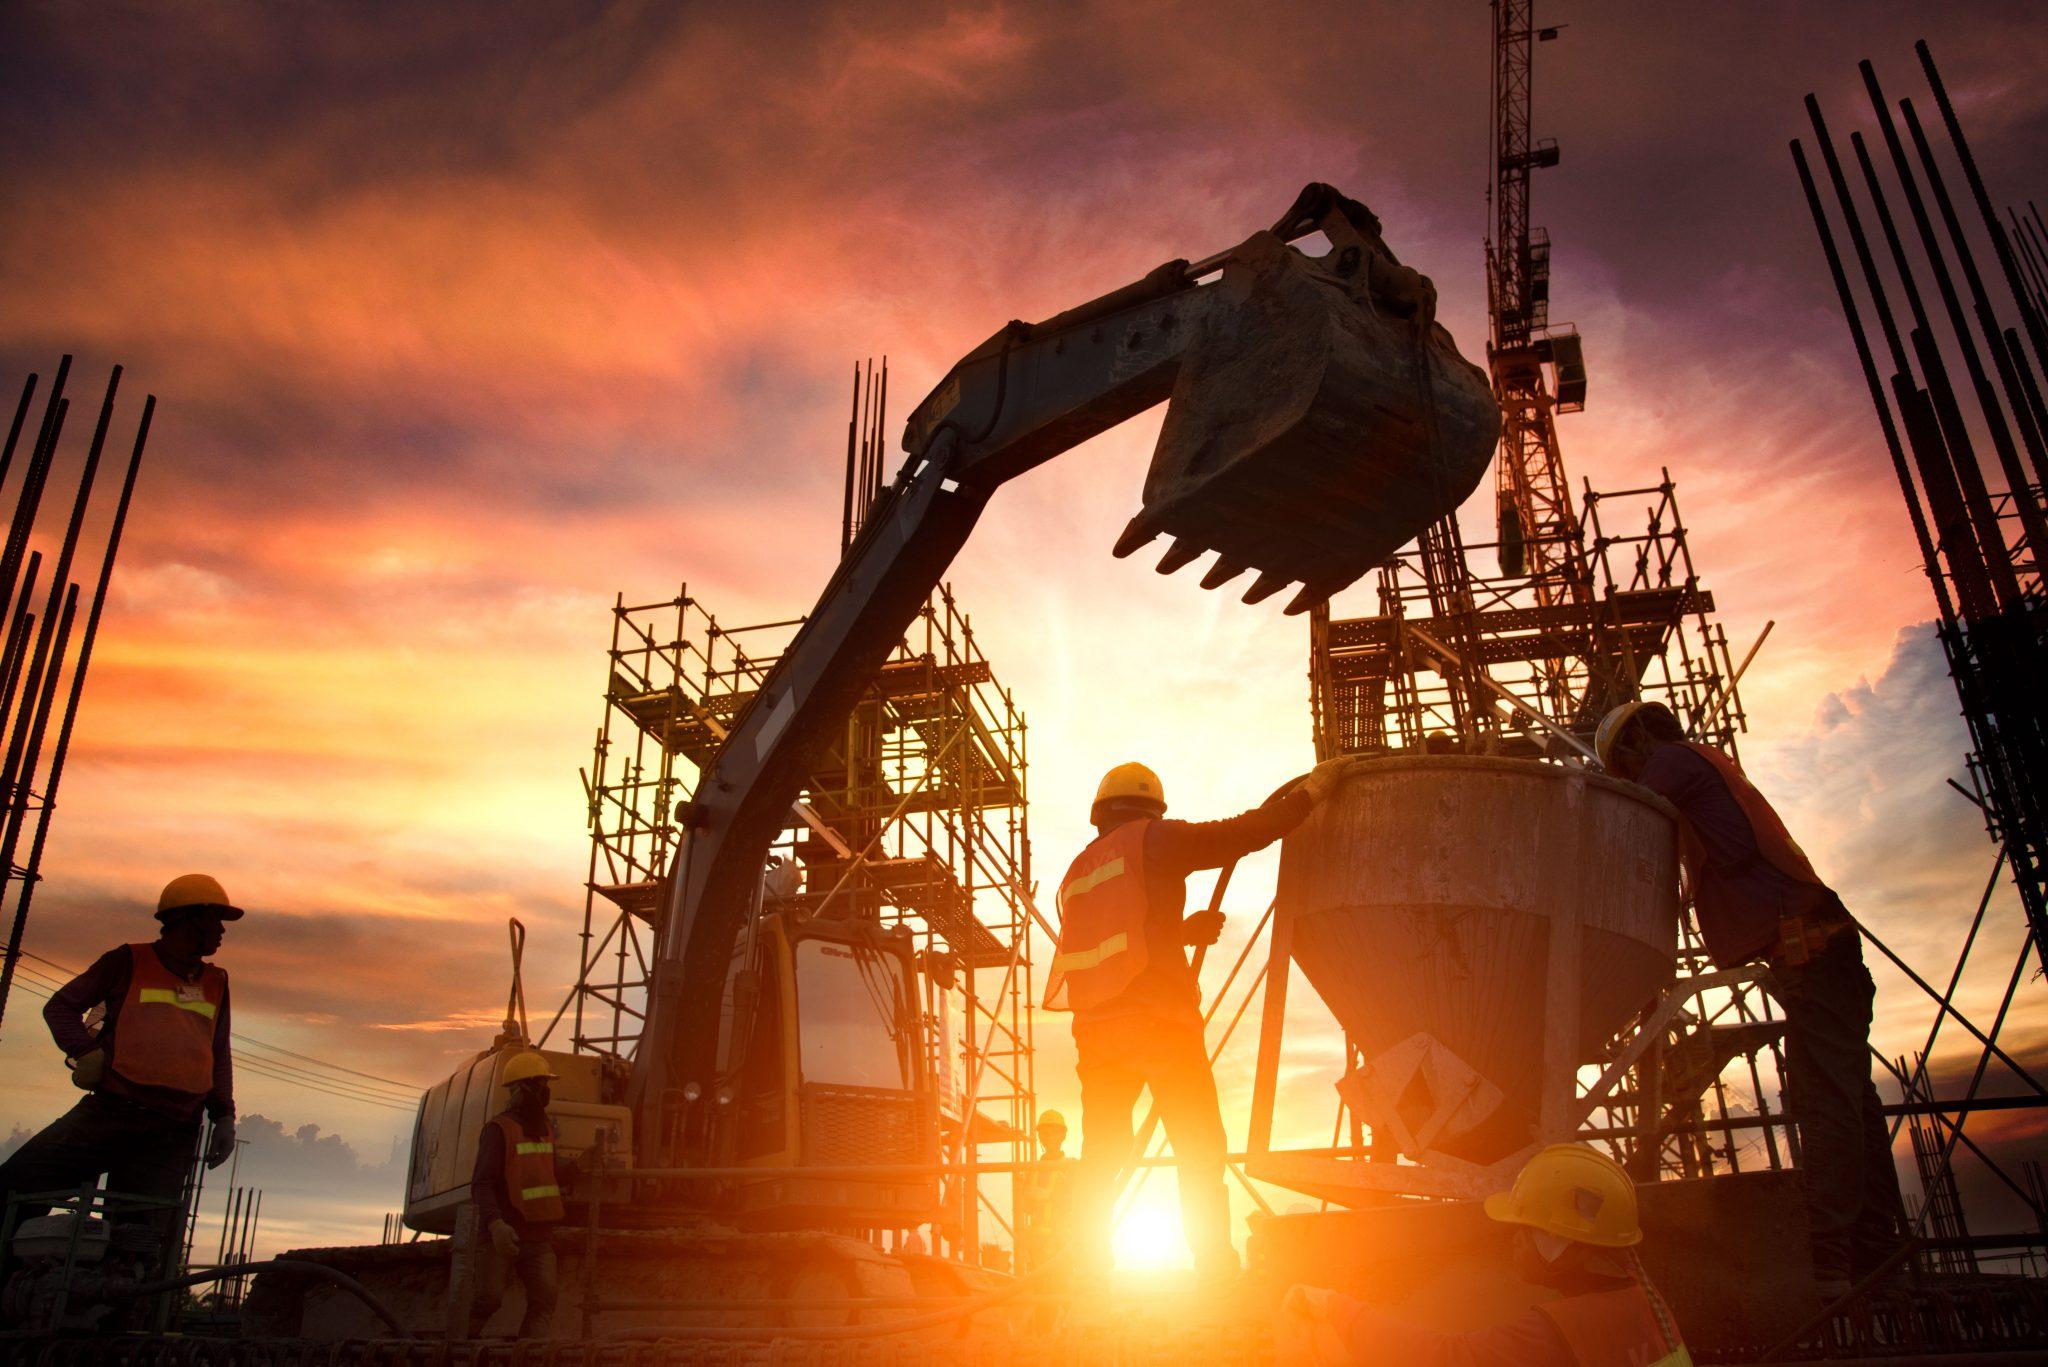 Entreprenørbransjen i aksjon på byggeplass i solnedgang